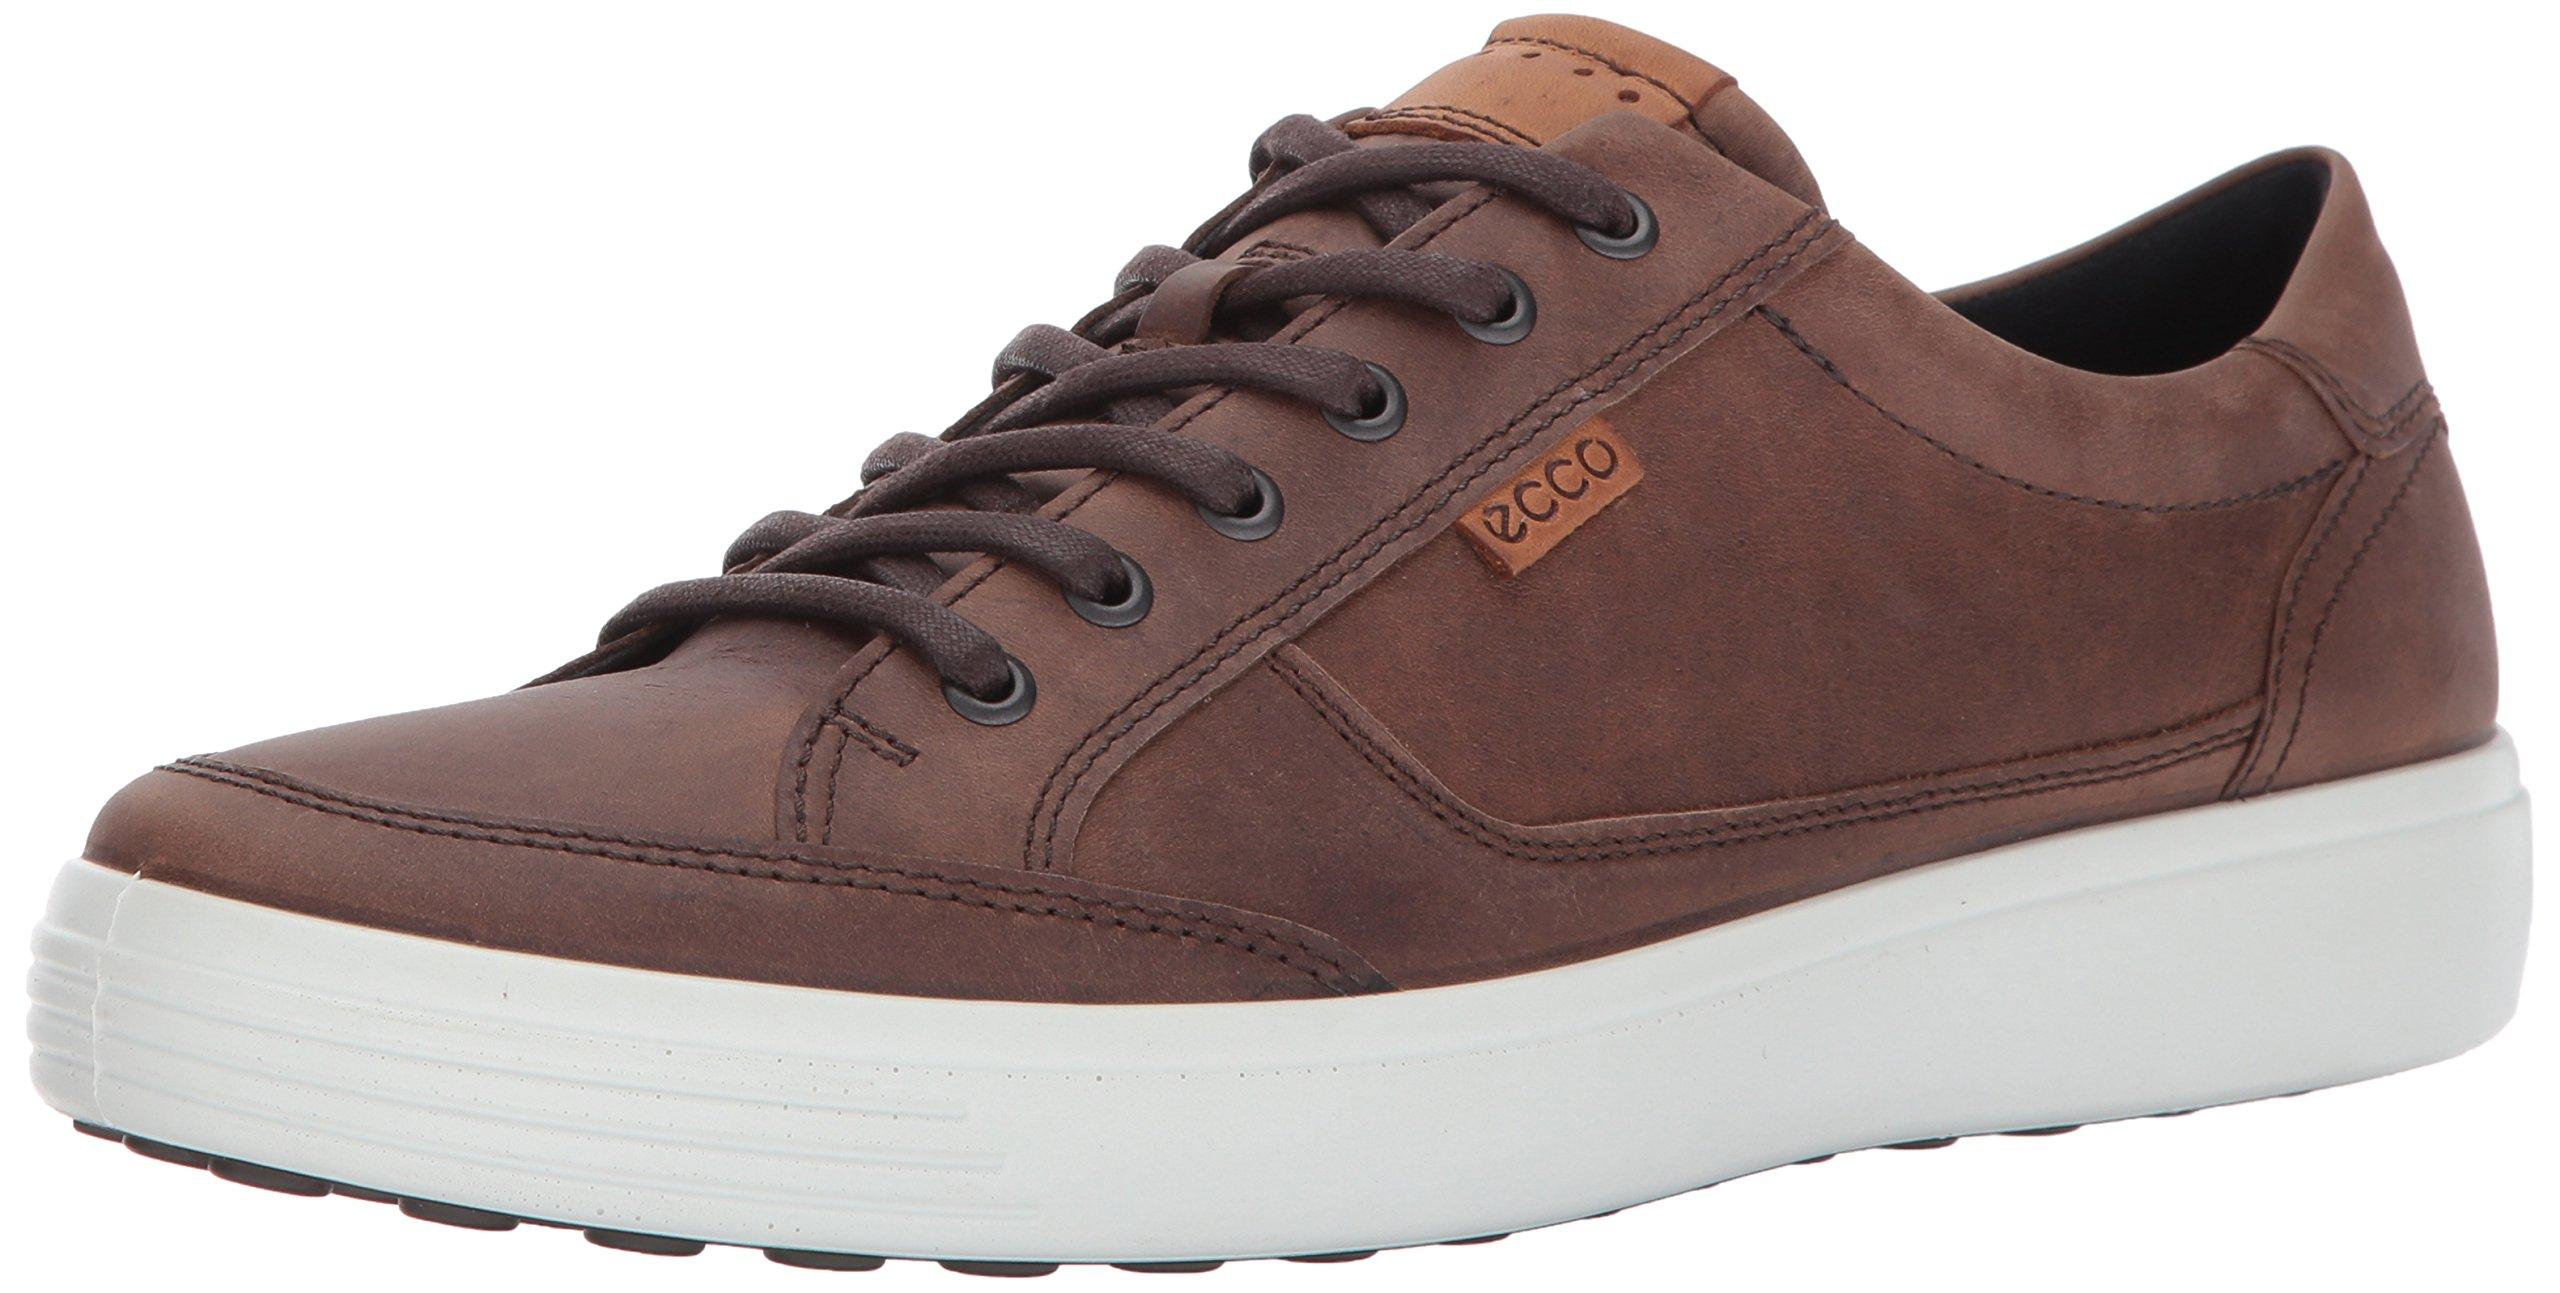 ECCO Men's Soft 7 Fashion Sneaker, Cocoa Brown,44 EU / 10-10.5 US